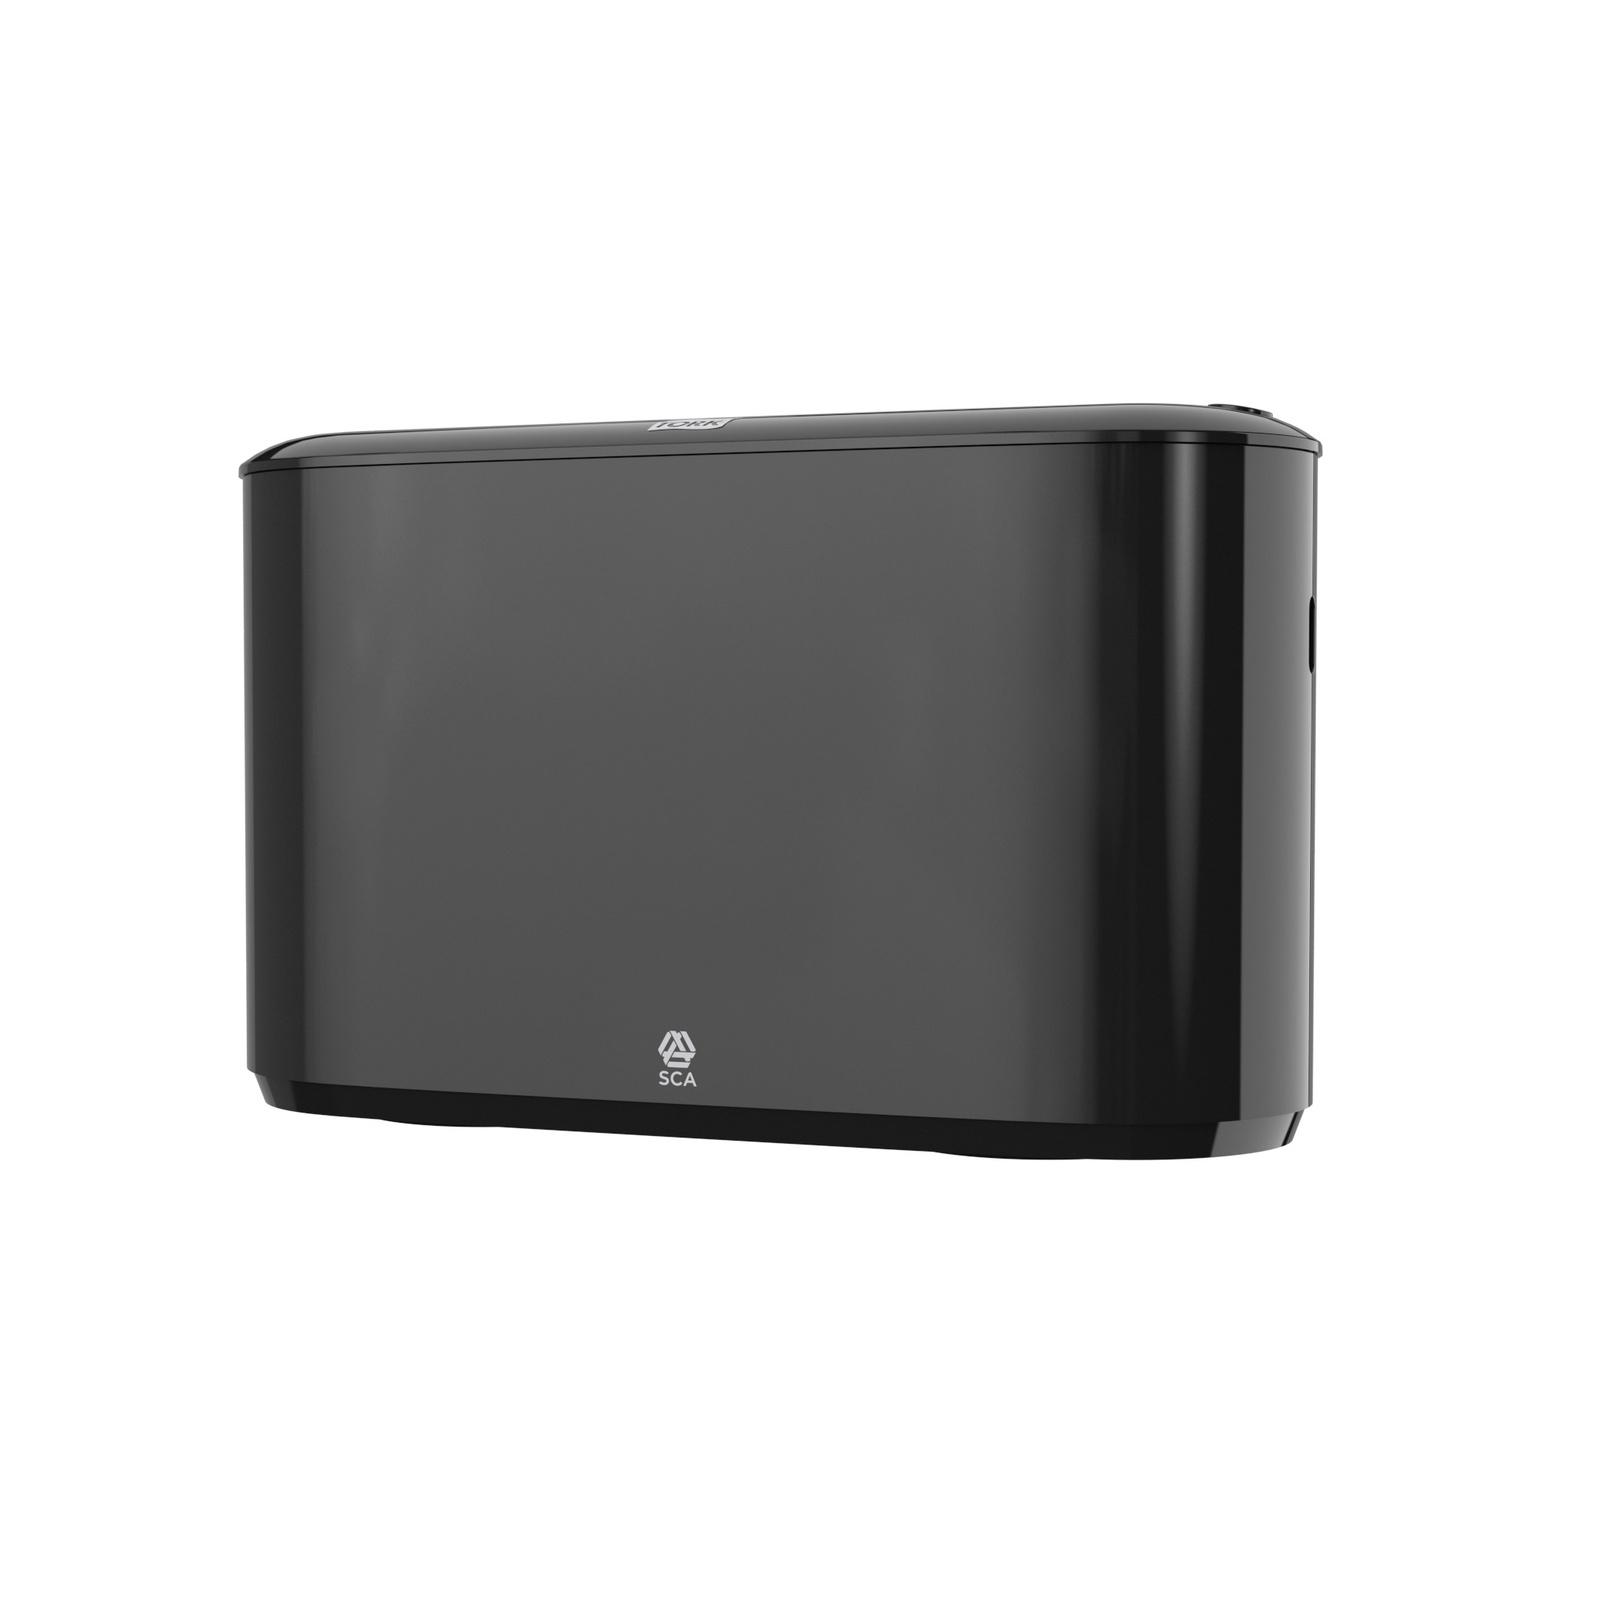 Диспенсер для бумажных полотенец Tork Xpress, настольный, сложения Multifold, система Н2, черный